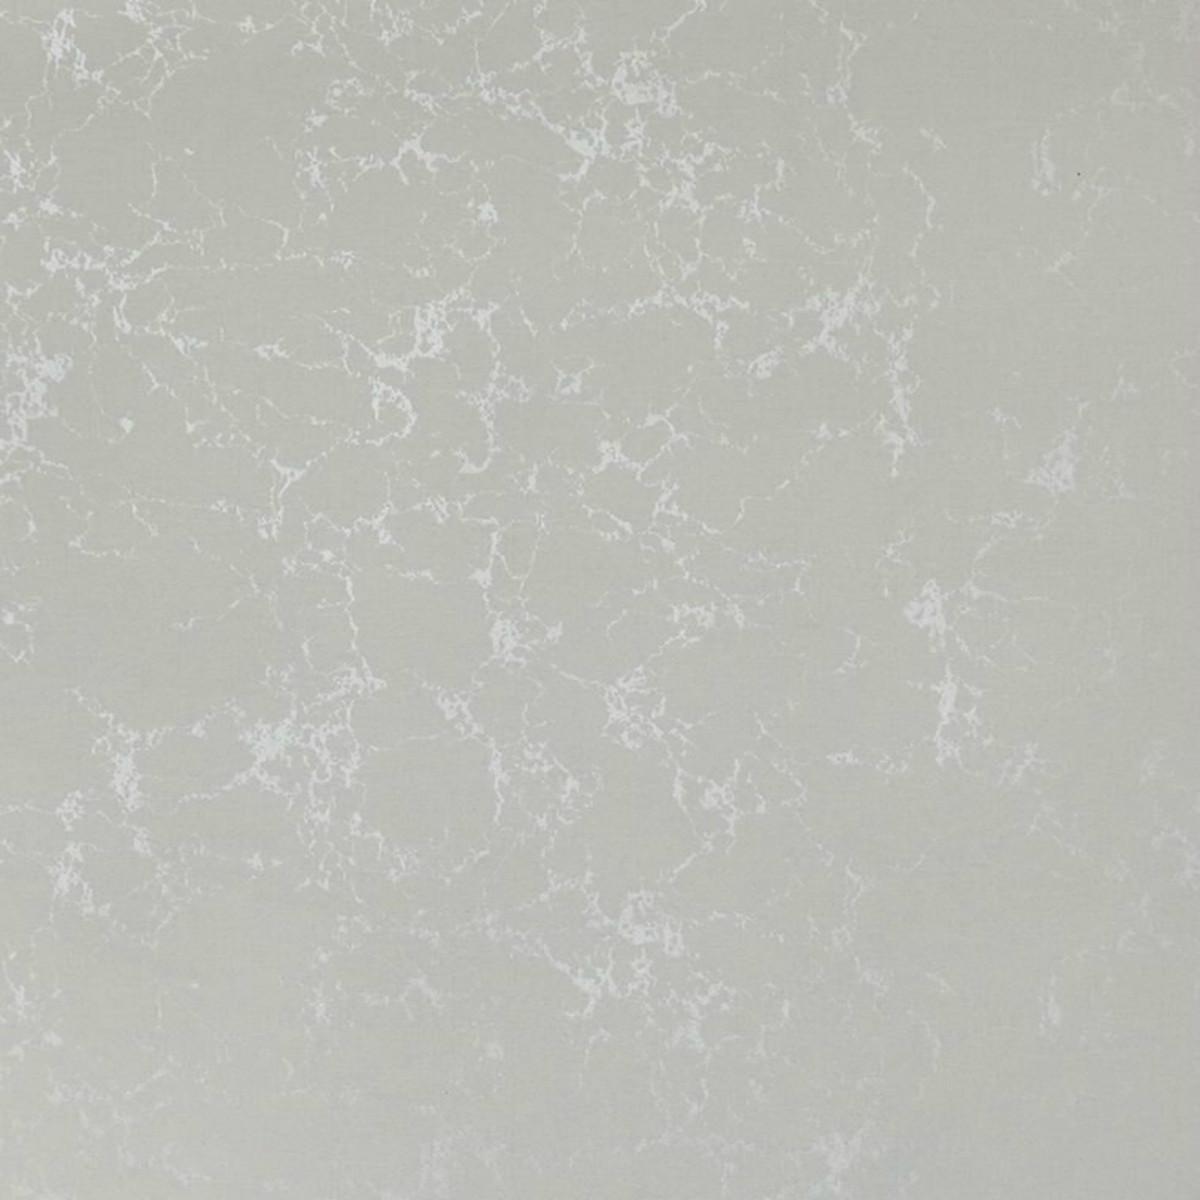 Обои флизелиновые Wiganford Lianna Leeds серые N55653 1.06 м